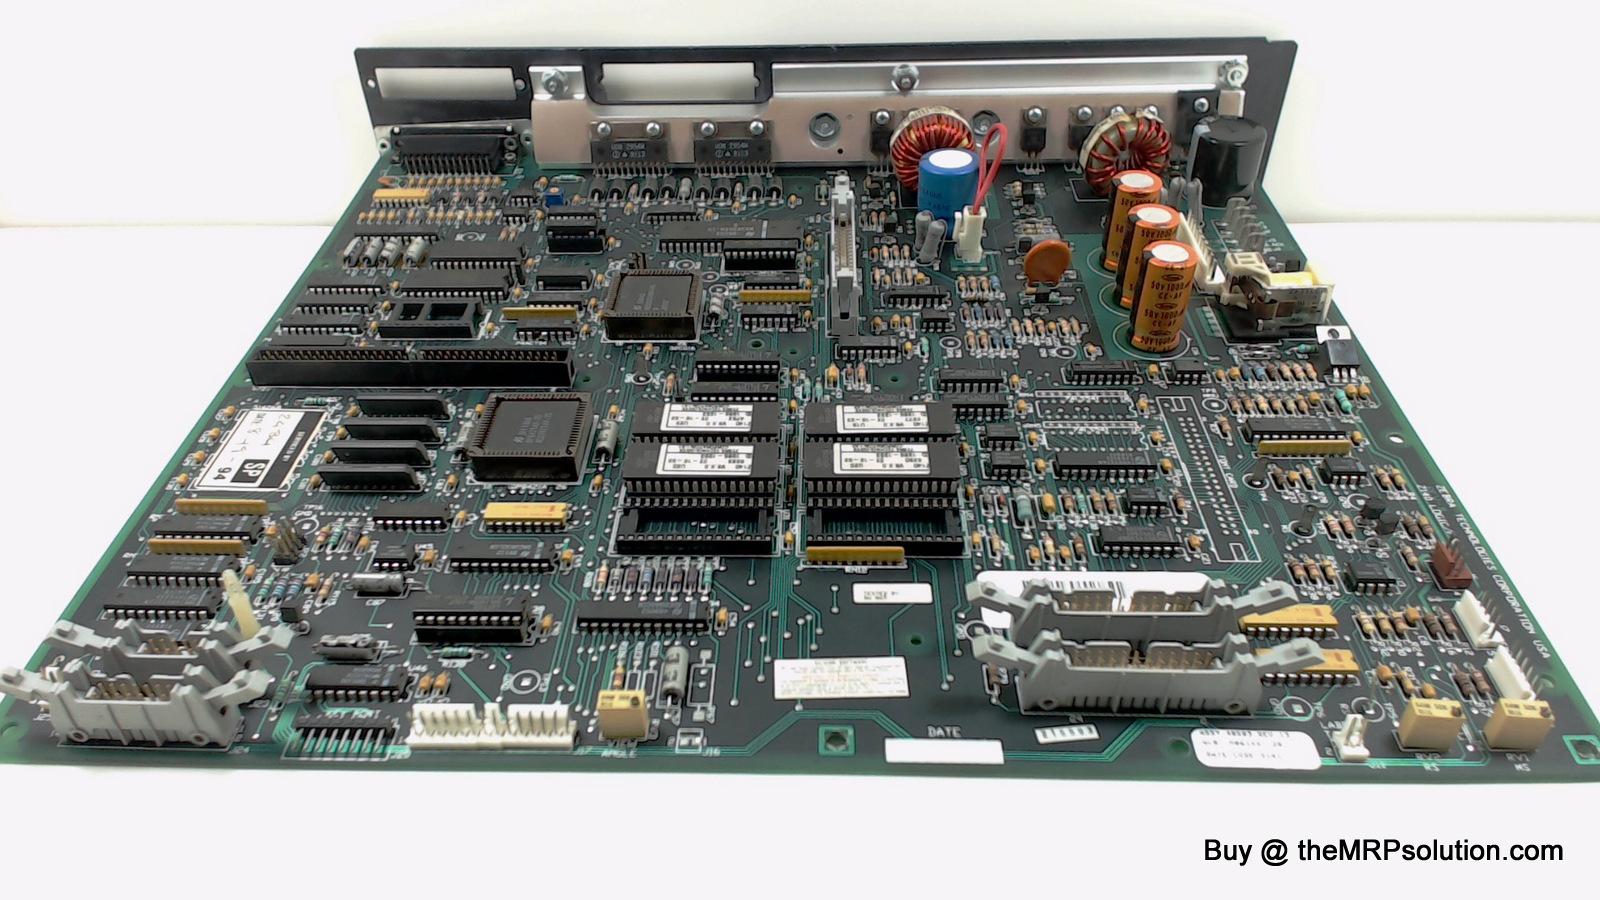 ZEBRA 40503 PWB, MAIN BOARD Refurbished